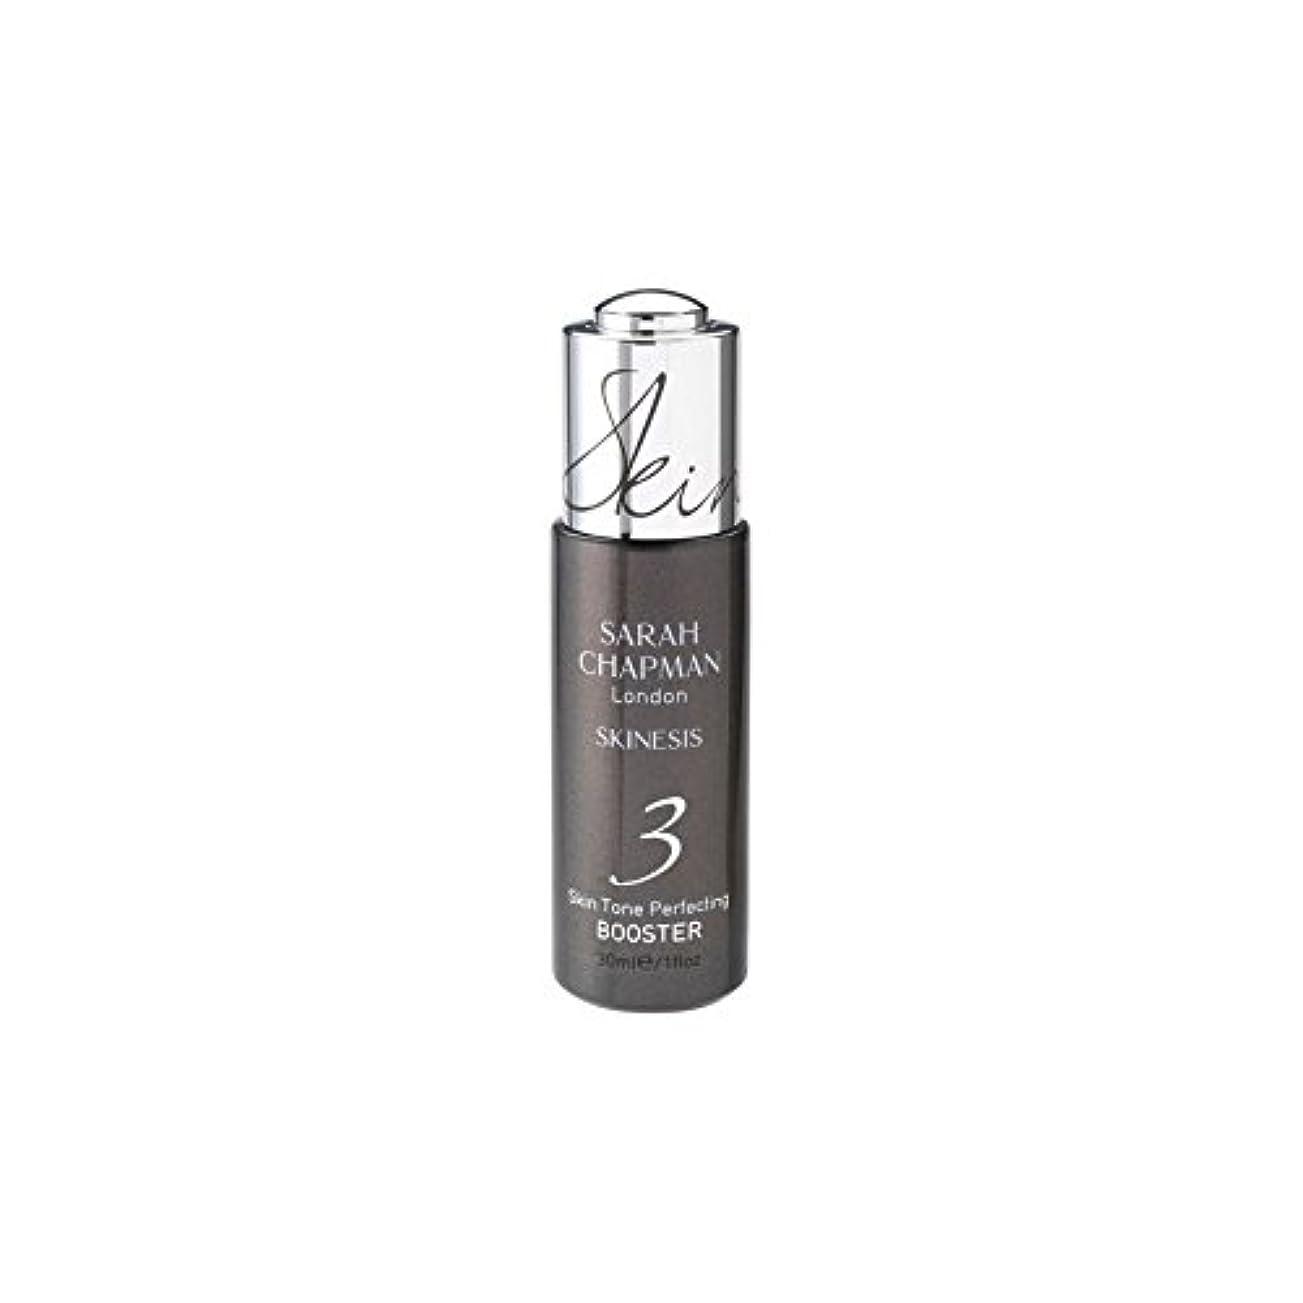 Sarah Chapman Skinesis Skin Tone Perfecting Booster (30ml) (Pack of 6) - サラ?チャップマン肌色完成ブースター(30ミリリットル) x6 [並行輸入品]